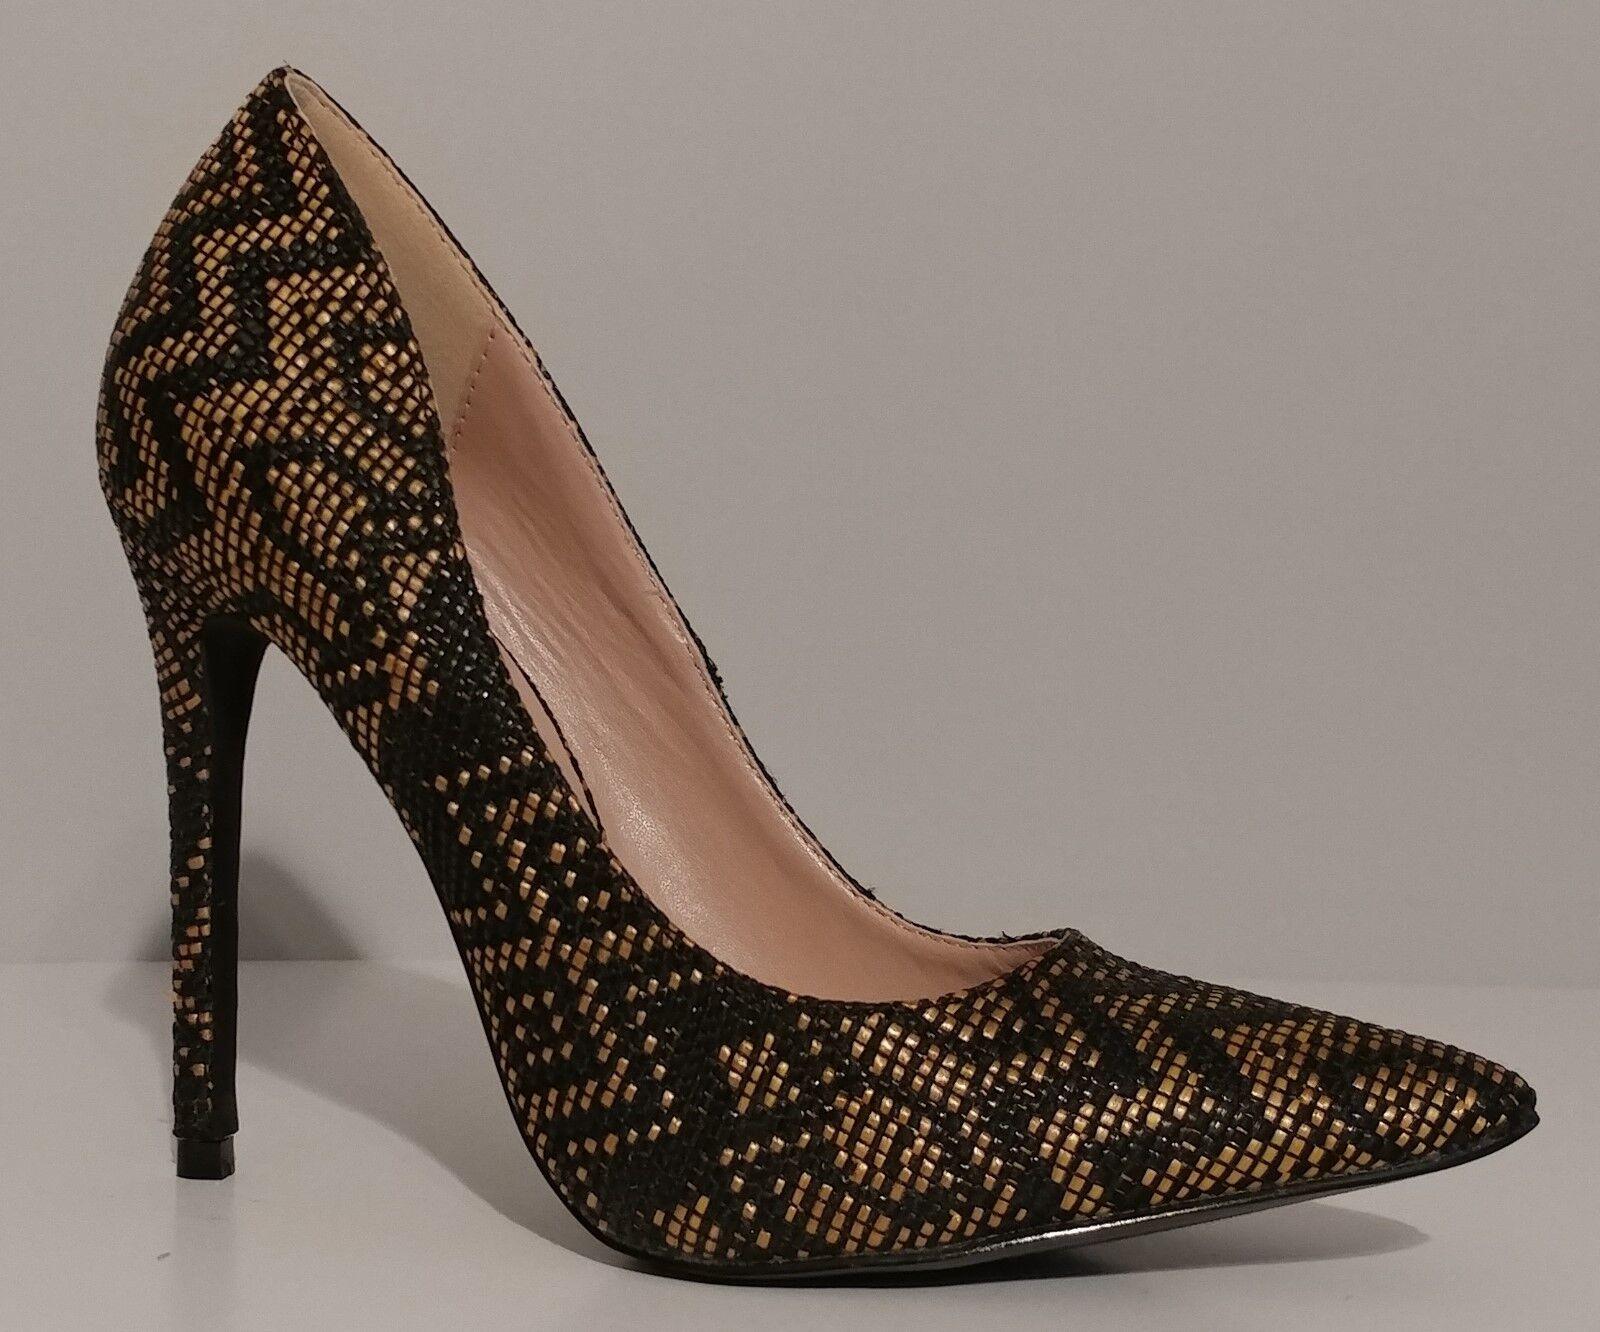 zapatos Republic LA       nuevo    Negro 5  clásico tejido Bombas Tacones Talla 7M nos 37M EUR  gran selección y entrega rápida